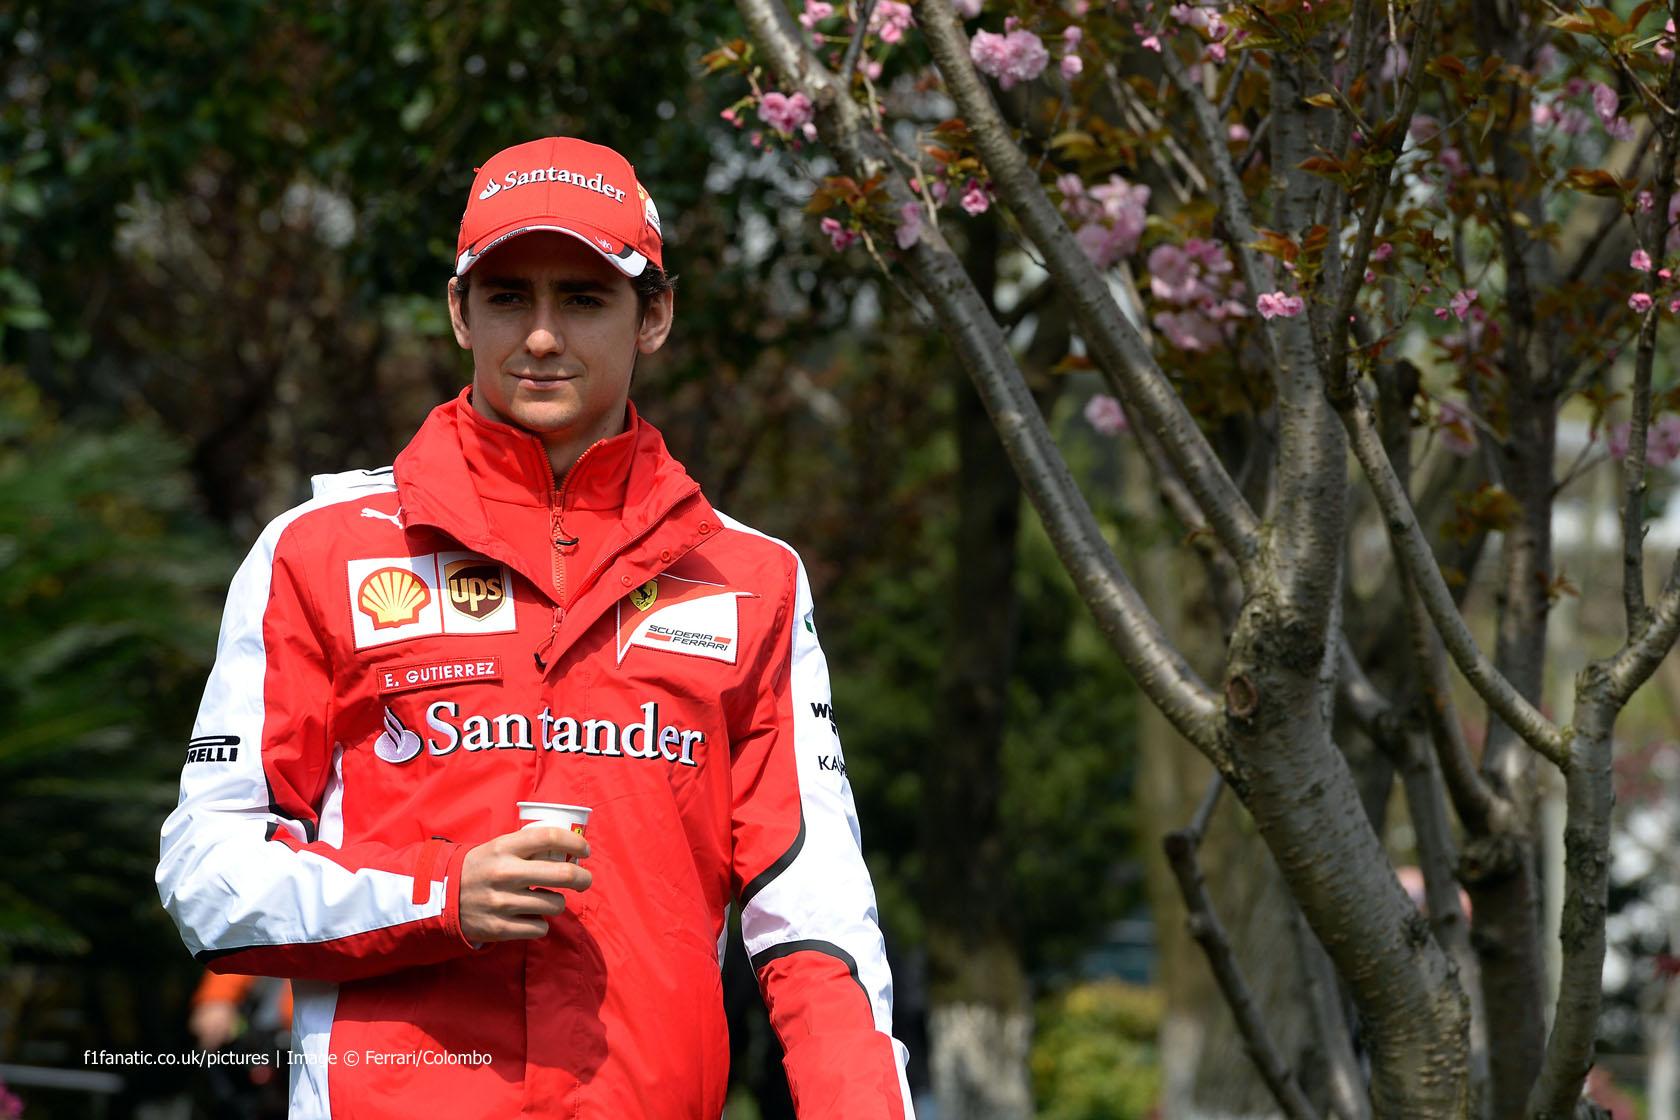 Esteban Gutierrez, Ferrari, Shanghai International Circuit, 2015